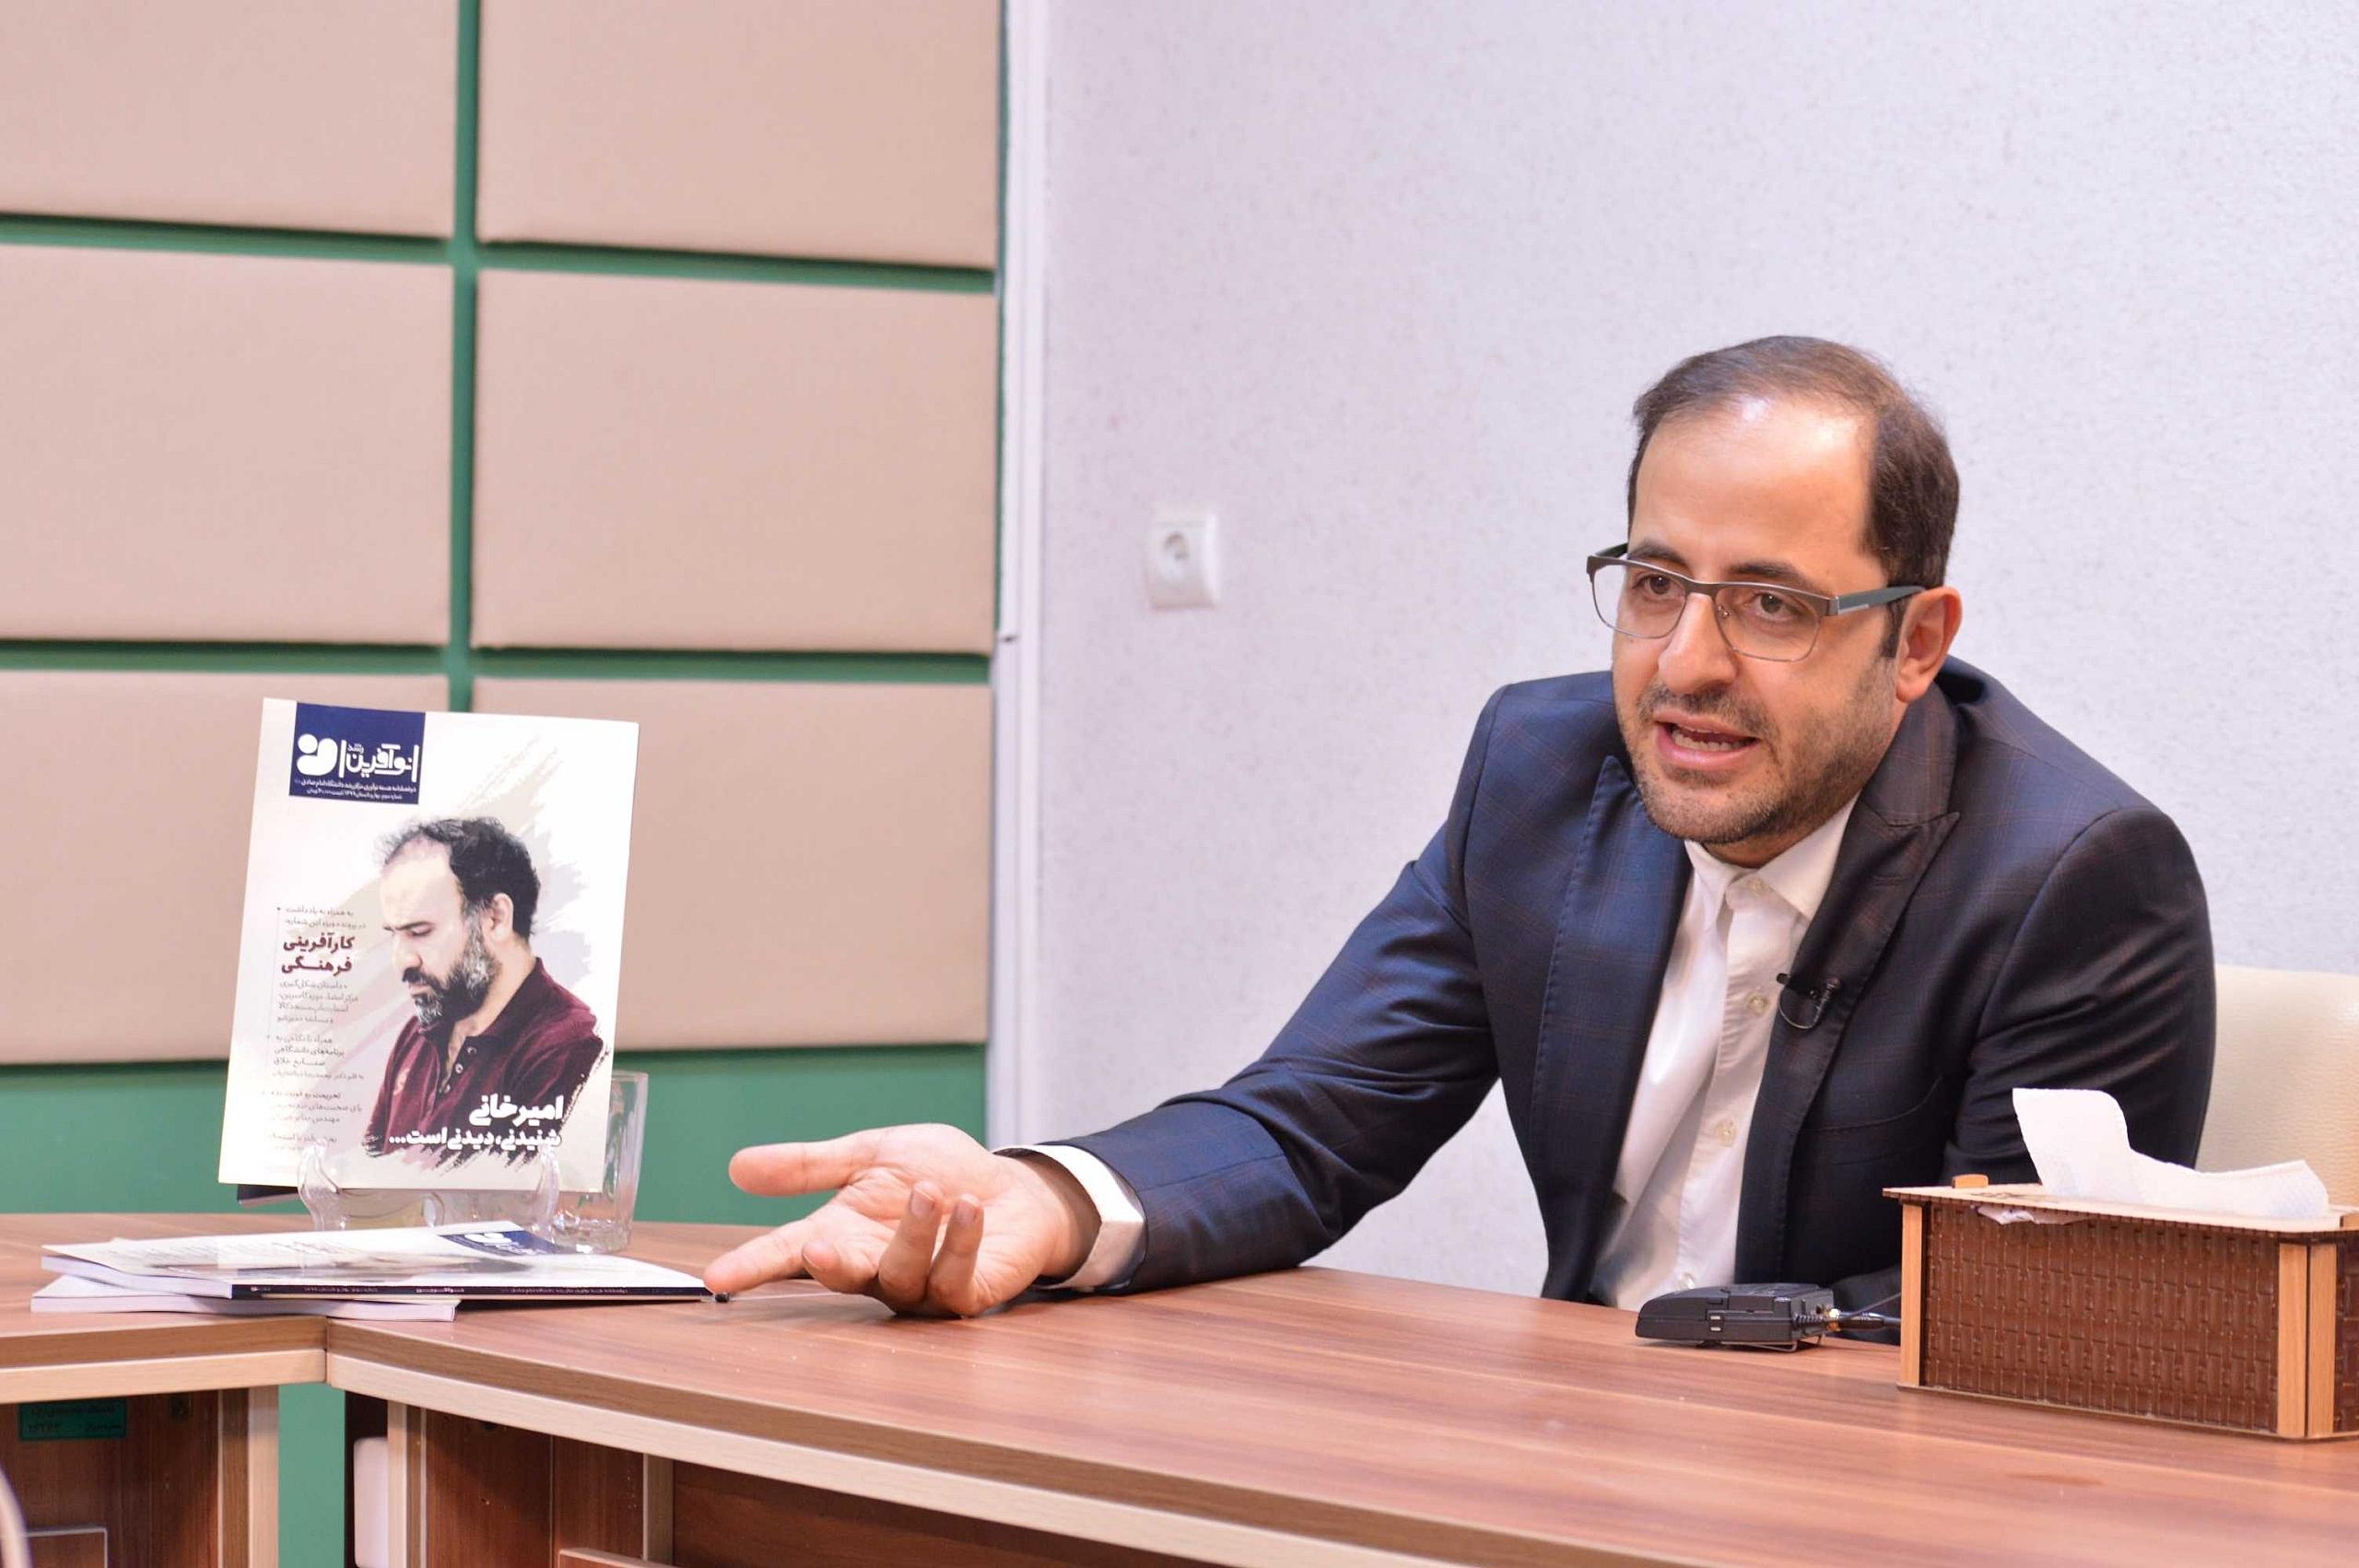 دکتر فاضل نظری در رونمایی نشریه نوآفرین